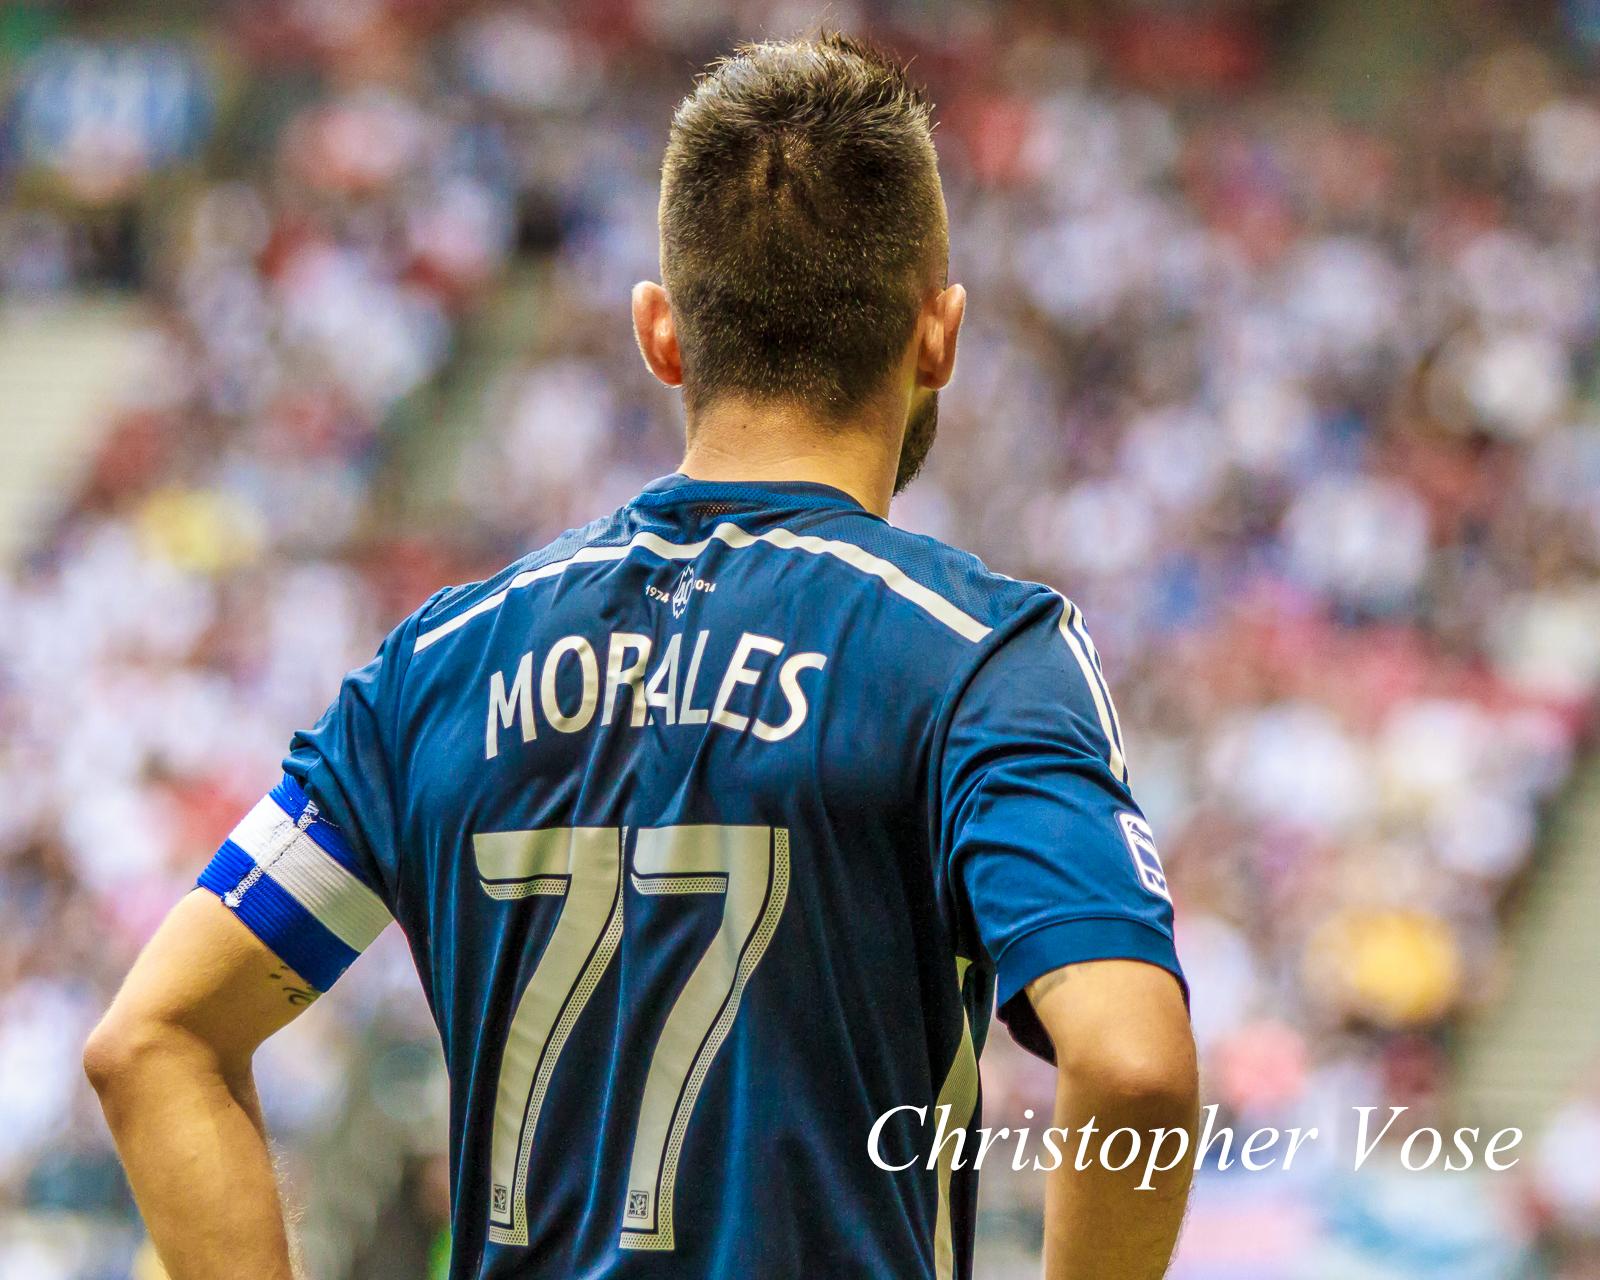 2014-07-05 Pedro Morales 1.jpg